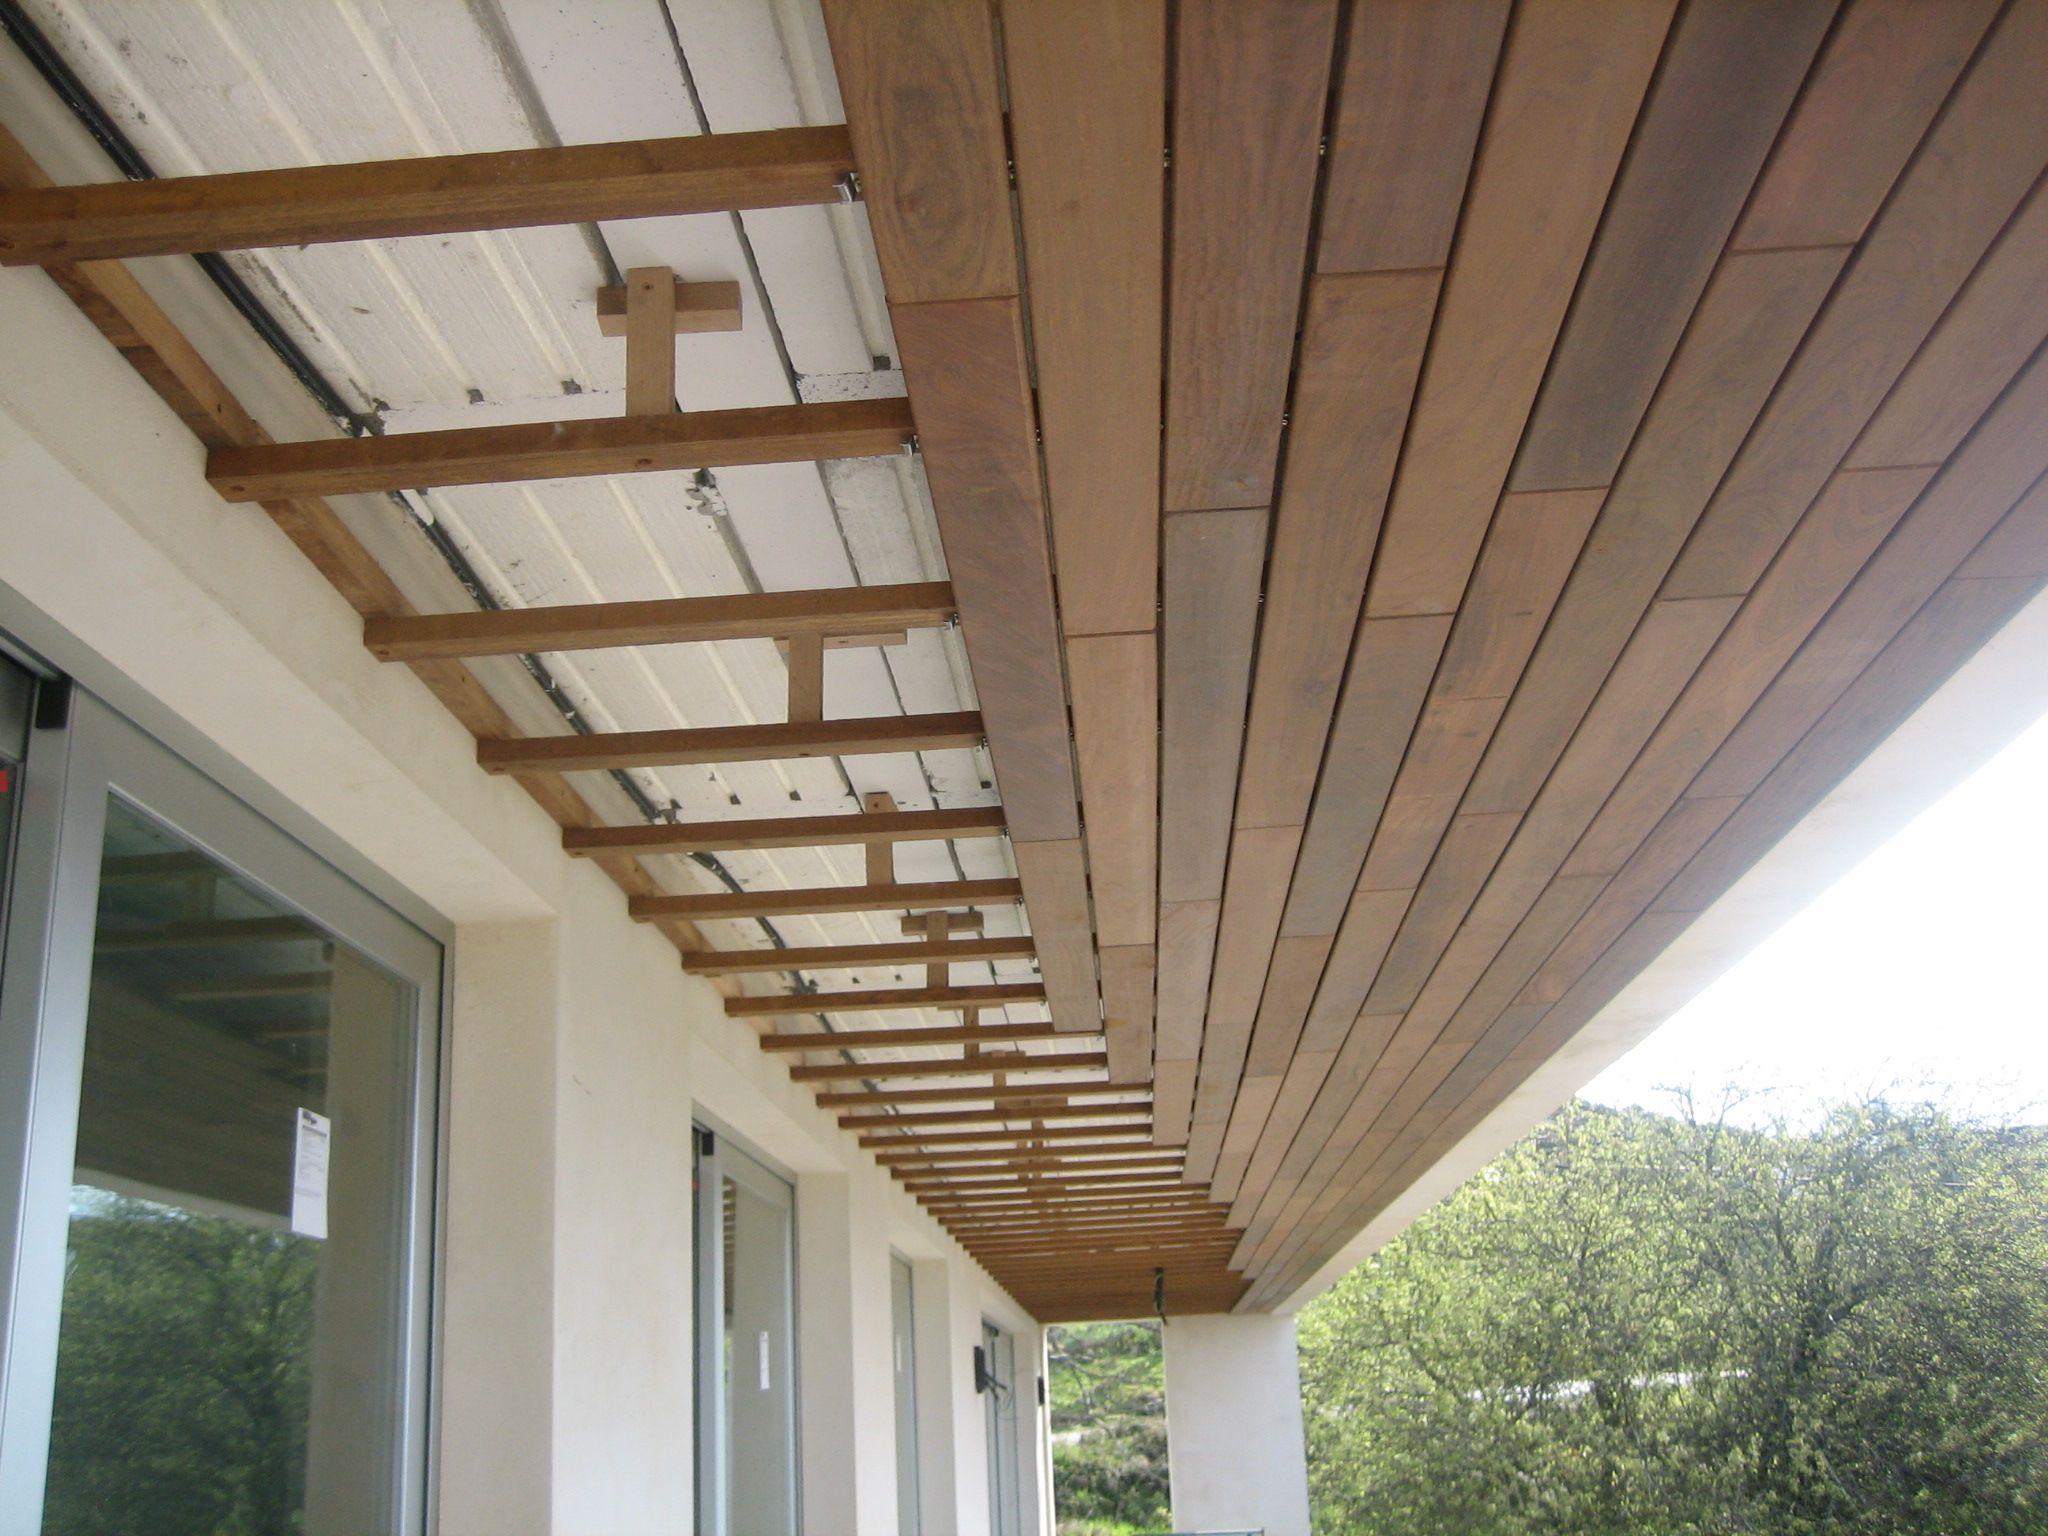 Detalle de colocaci n de tarima en techo detalles - Precio colocacion tarima ...